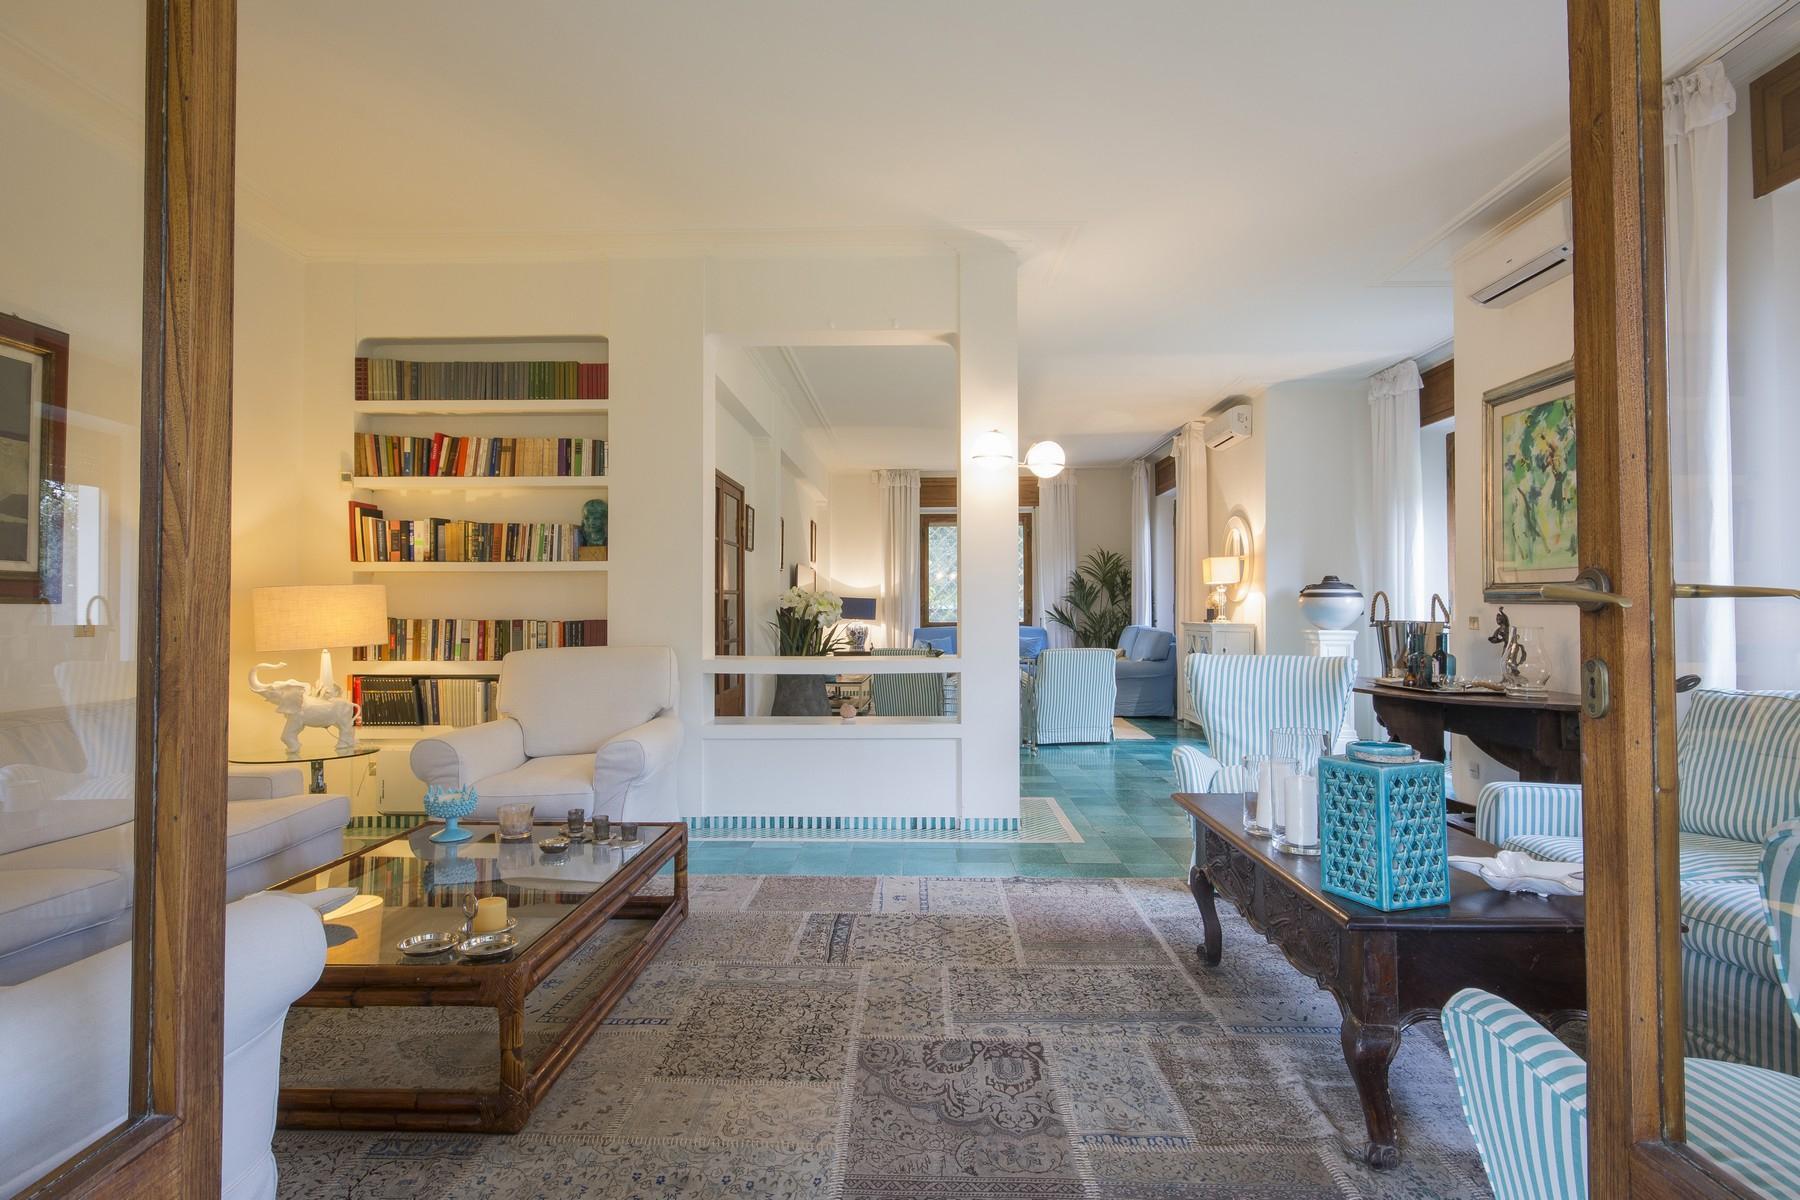 坐落于Forte dei Marmi的绝妙别墅 - 6